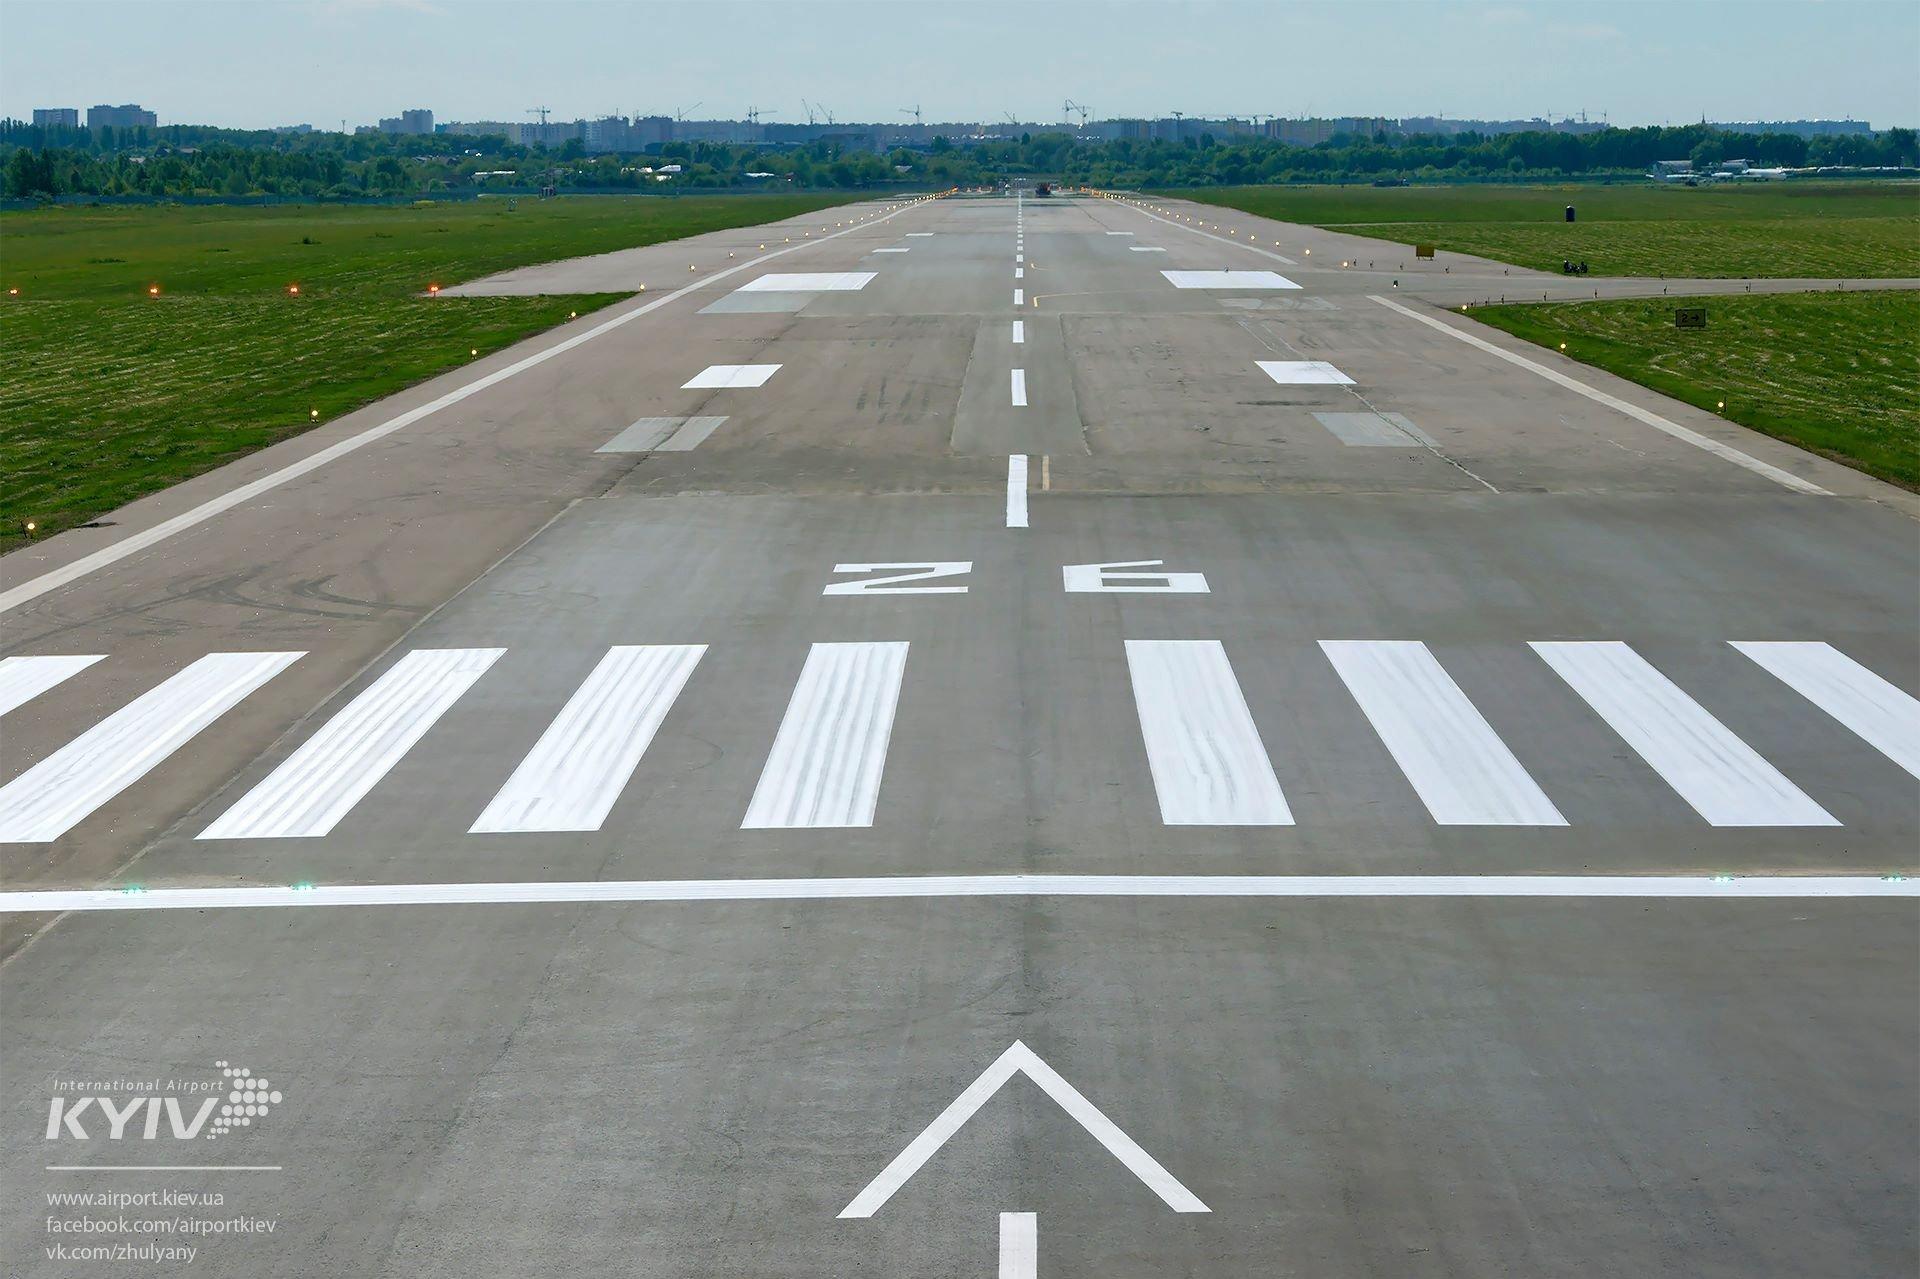 Ваэропорту «Киев» завершились ремонтные работы, полеты возобновят 25мая